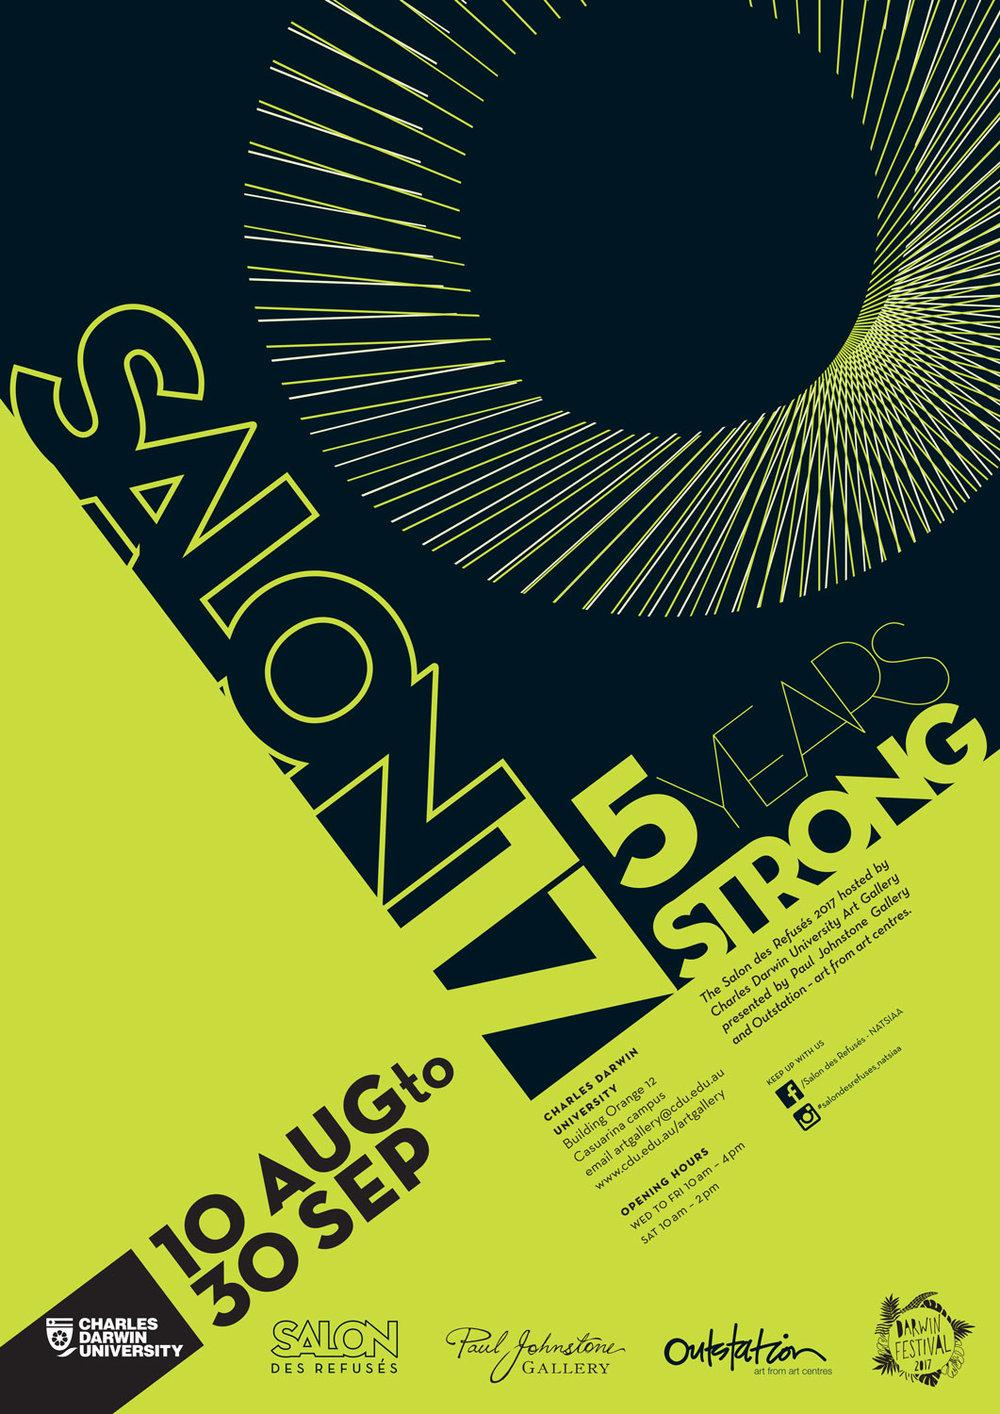 SALON17-Poster-A3.jpg